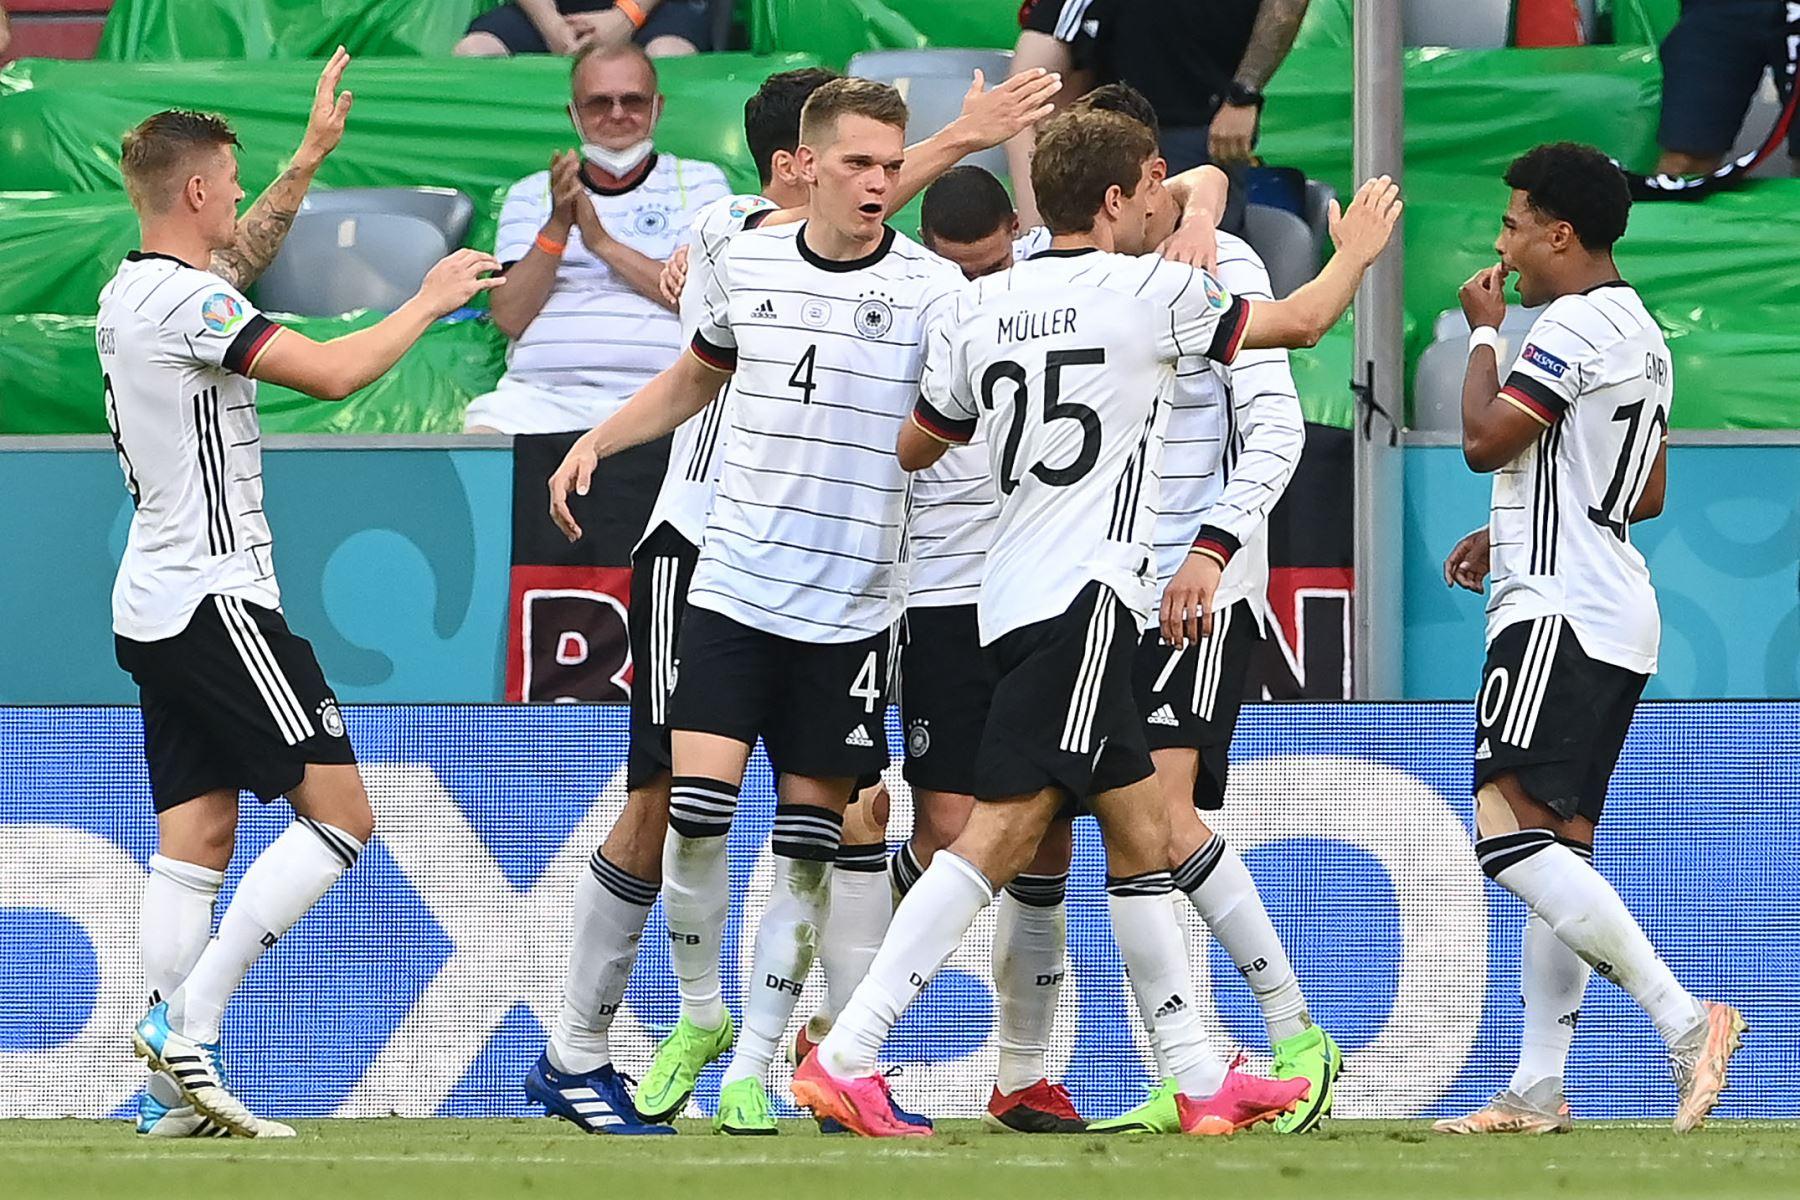 Los jugadores de Alemania celebran anotar el tercer gol de su equipo durante el partido de fútbol del Grupo F de la UEFA EURO 2020 entre Portugal y Alemania en el Allianz Arena en Múnich. Foto: AFP